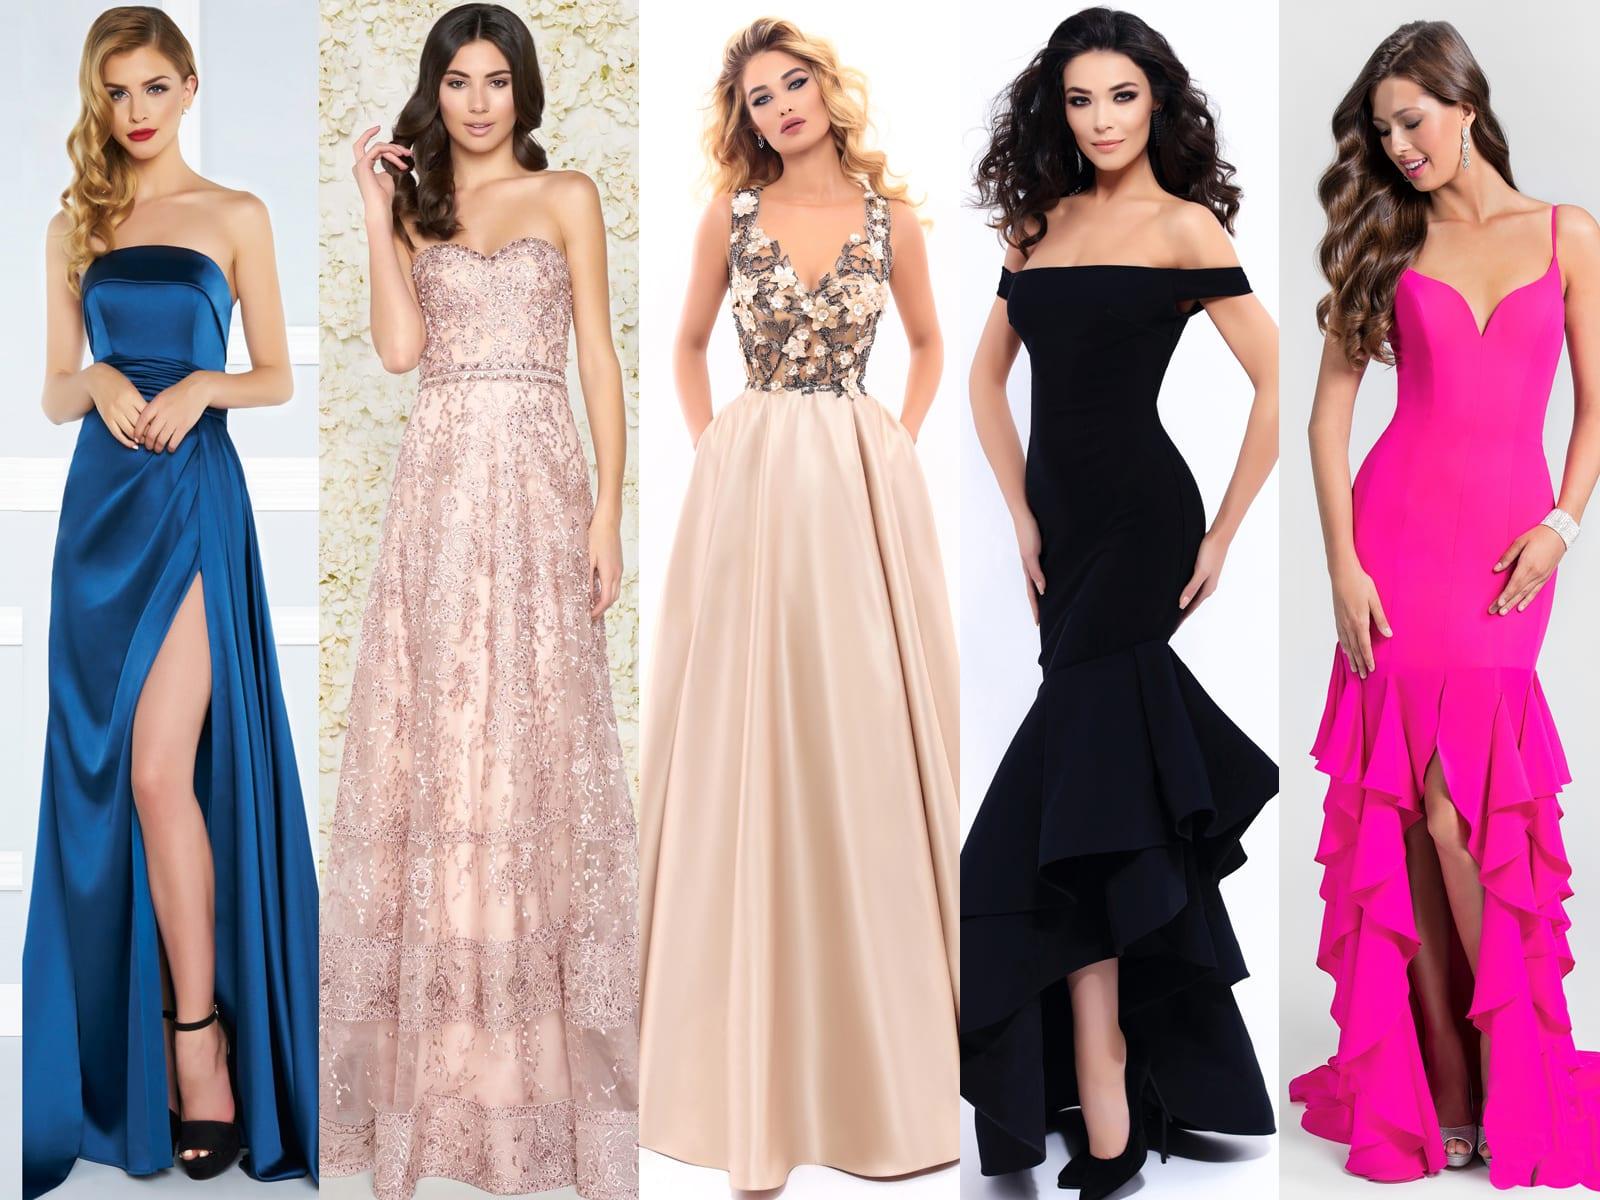 Quelques suggestions de robe d'invitée à un mariage